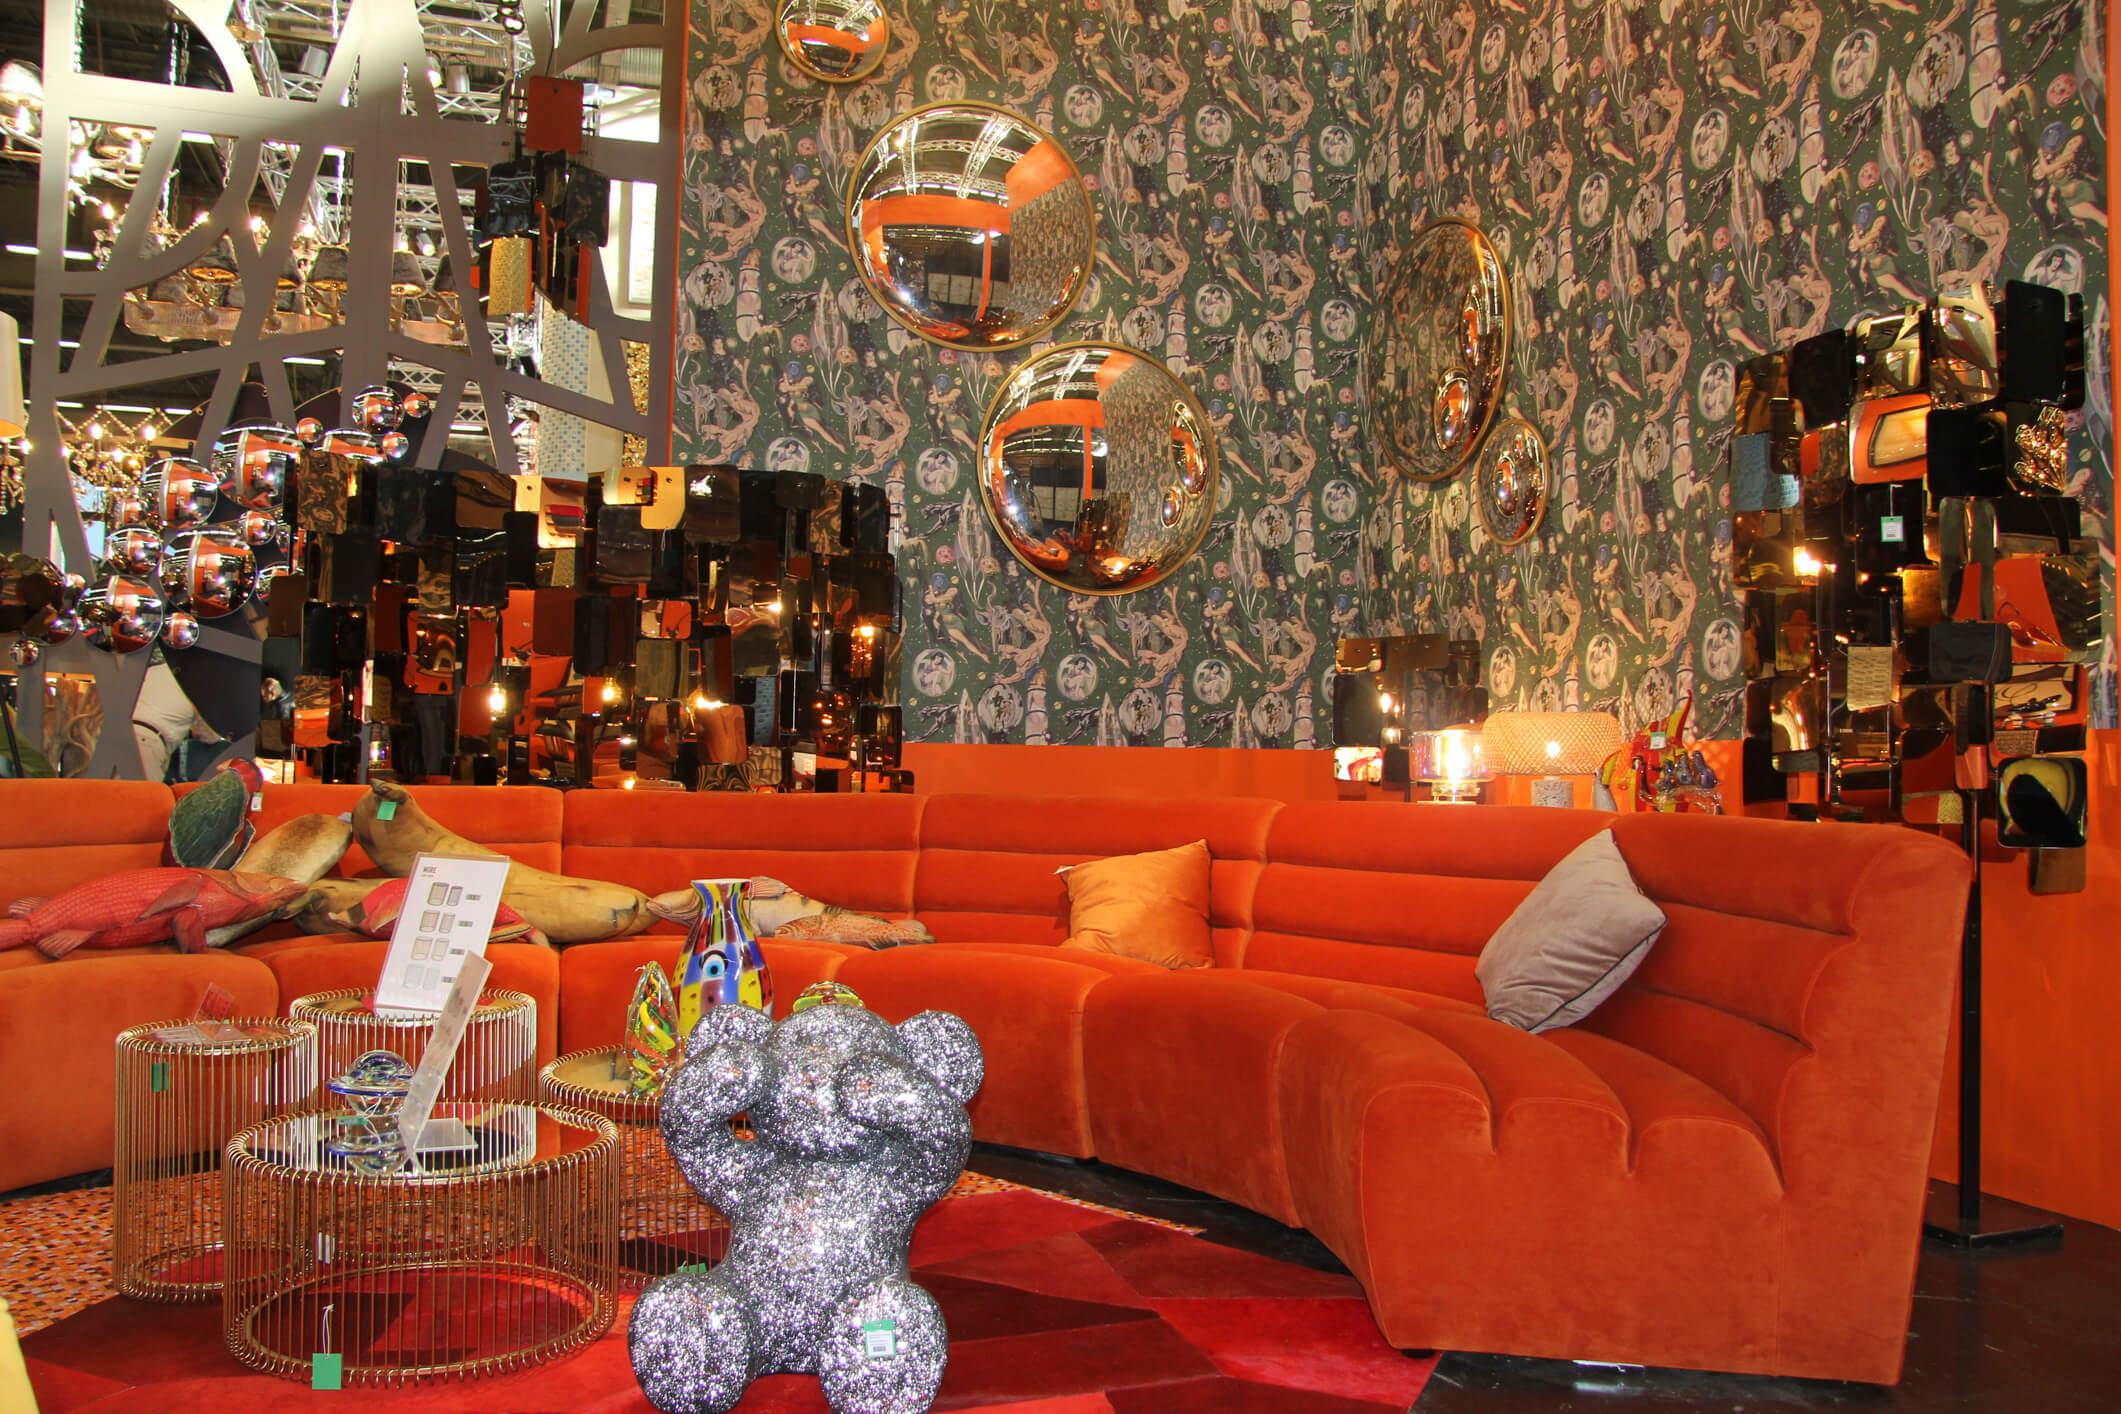 Gelb – Rot – Orange – Braun: Warme Farben geben den Ton an Die herbstlichen Blätter, die bei einem langen Spaziergang im Wald oder im Stadtpark so schön unter den Füßen rascheln, begeistern mit einer vielfältigen Farbpalette. Diese reicht von einem sonnigen Gelb, geht in ein lebendiges Orange, führt durch das leidenschaftliche Bordeaux-Rot und endet schließlich bei einem bodenständigen Braun. Dieses Farbschema zeichnet sich einerseits durch sanfte Farben aus, die sich eher zurückhalten, kann jedoch andererseits recht anspruchsvoll sein.